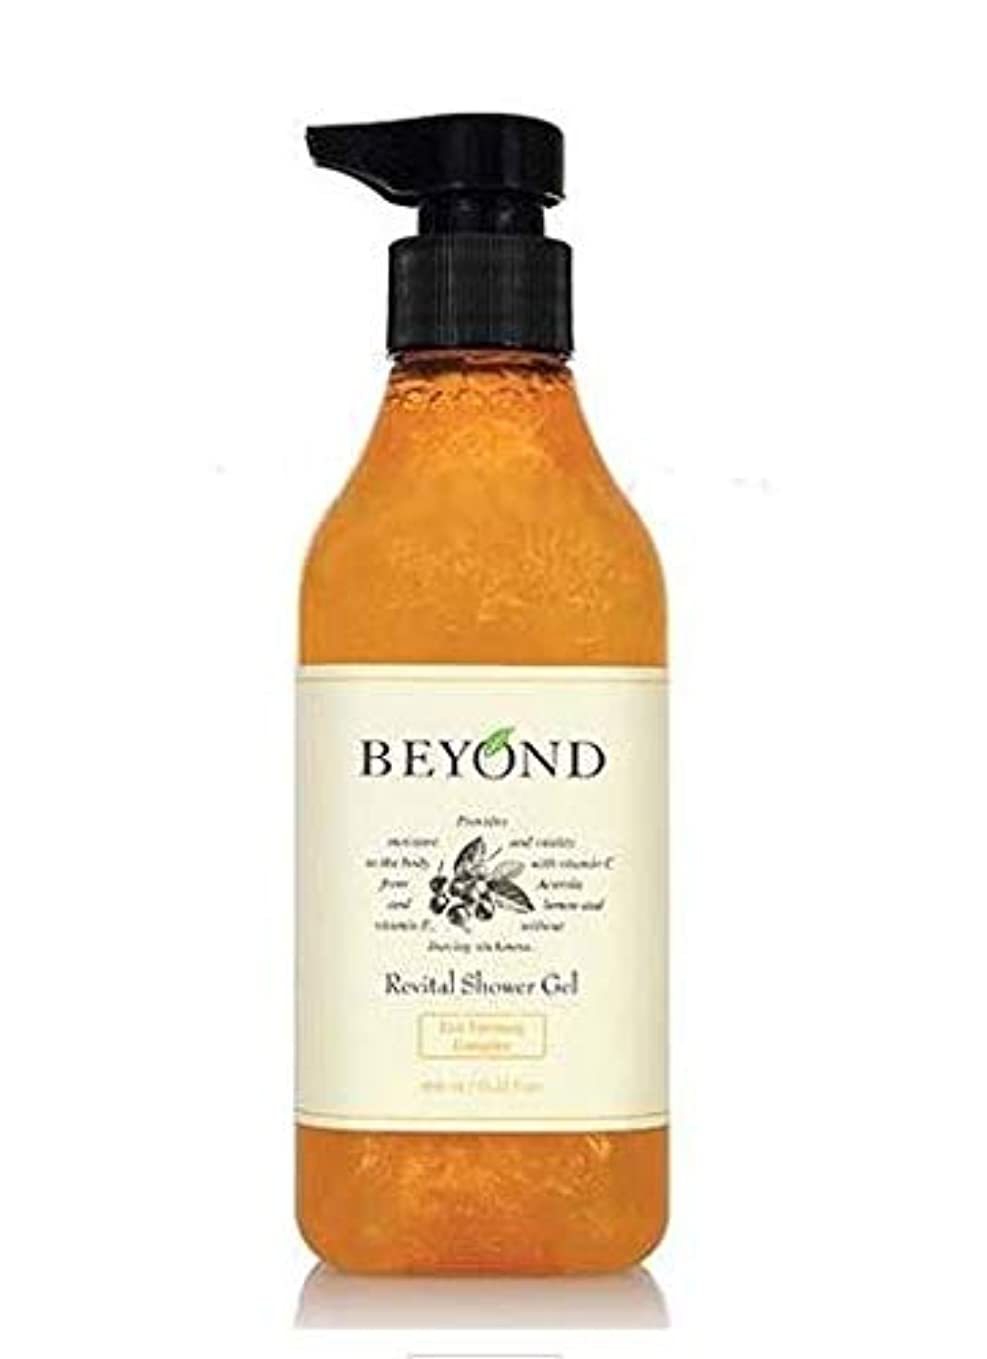 [ビヨンド] BEYOND [リバイタル シャワージェル 450ml] Revital Shower Gel 450ml [海外直送品]